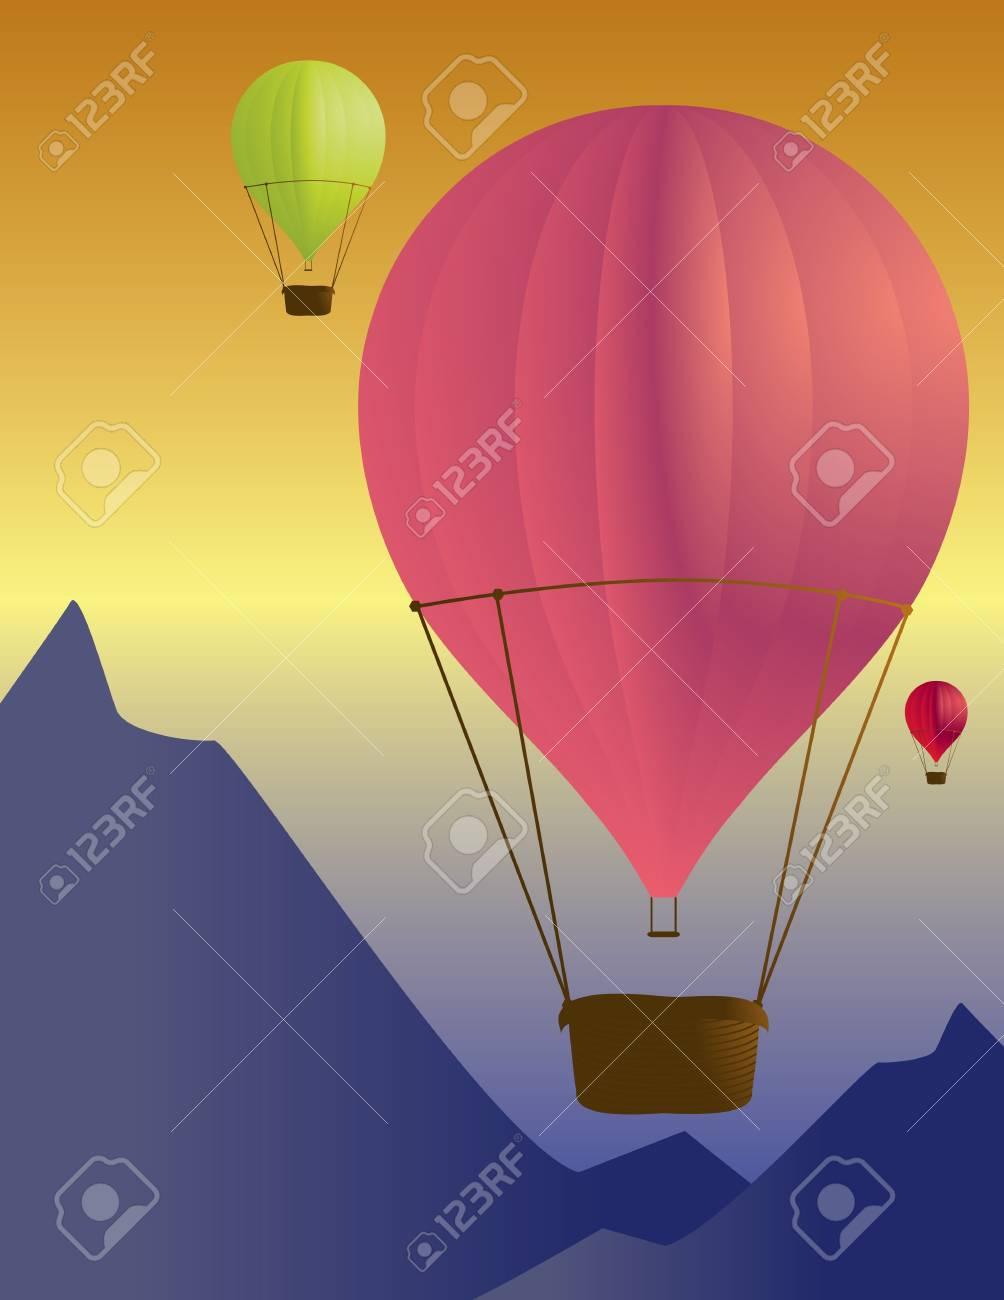 Nett Heißluftballon Färbung Ideen - Malvorlagen Von Tieren - ngadi.info